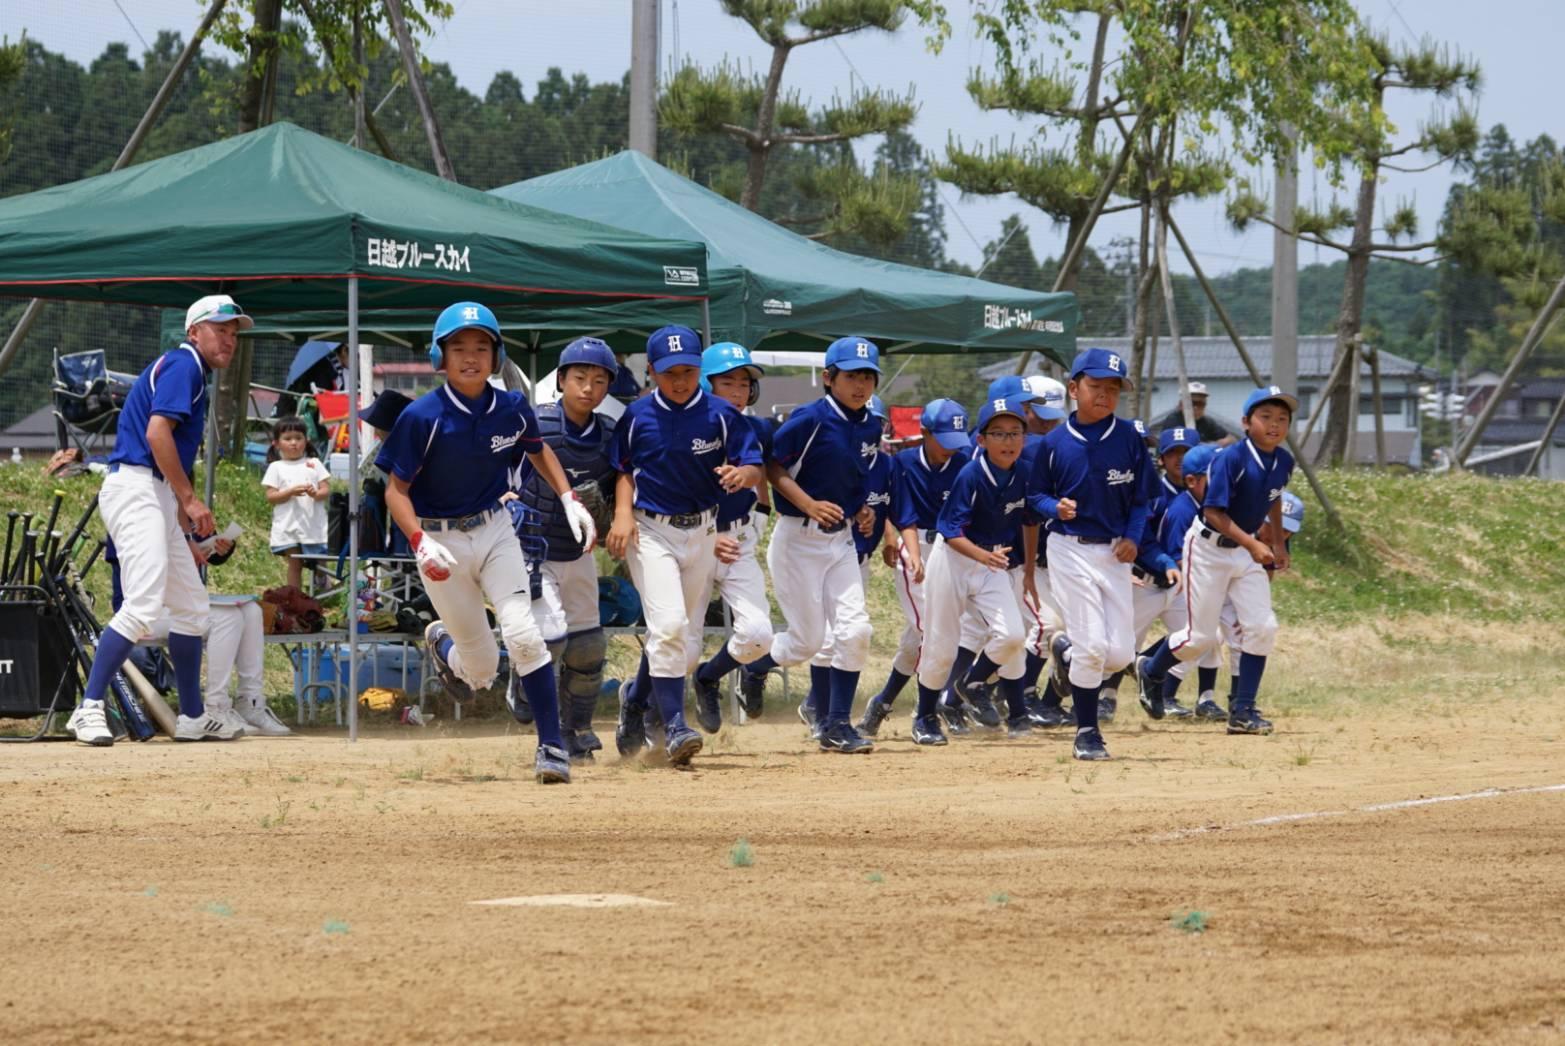 6月2日 スポ少B大会結果です! vs和島ベースボールクラブさん_b0095176_15484997.jpeg